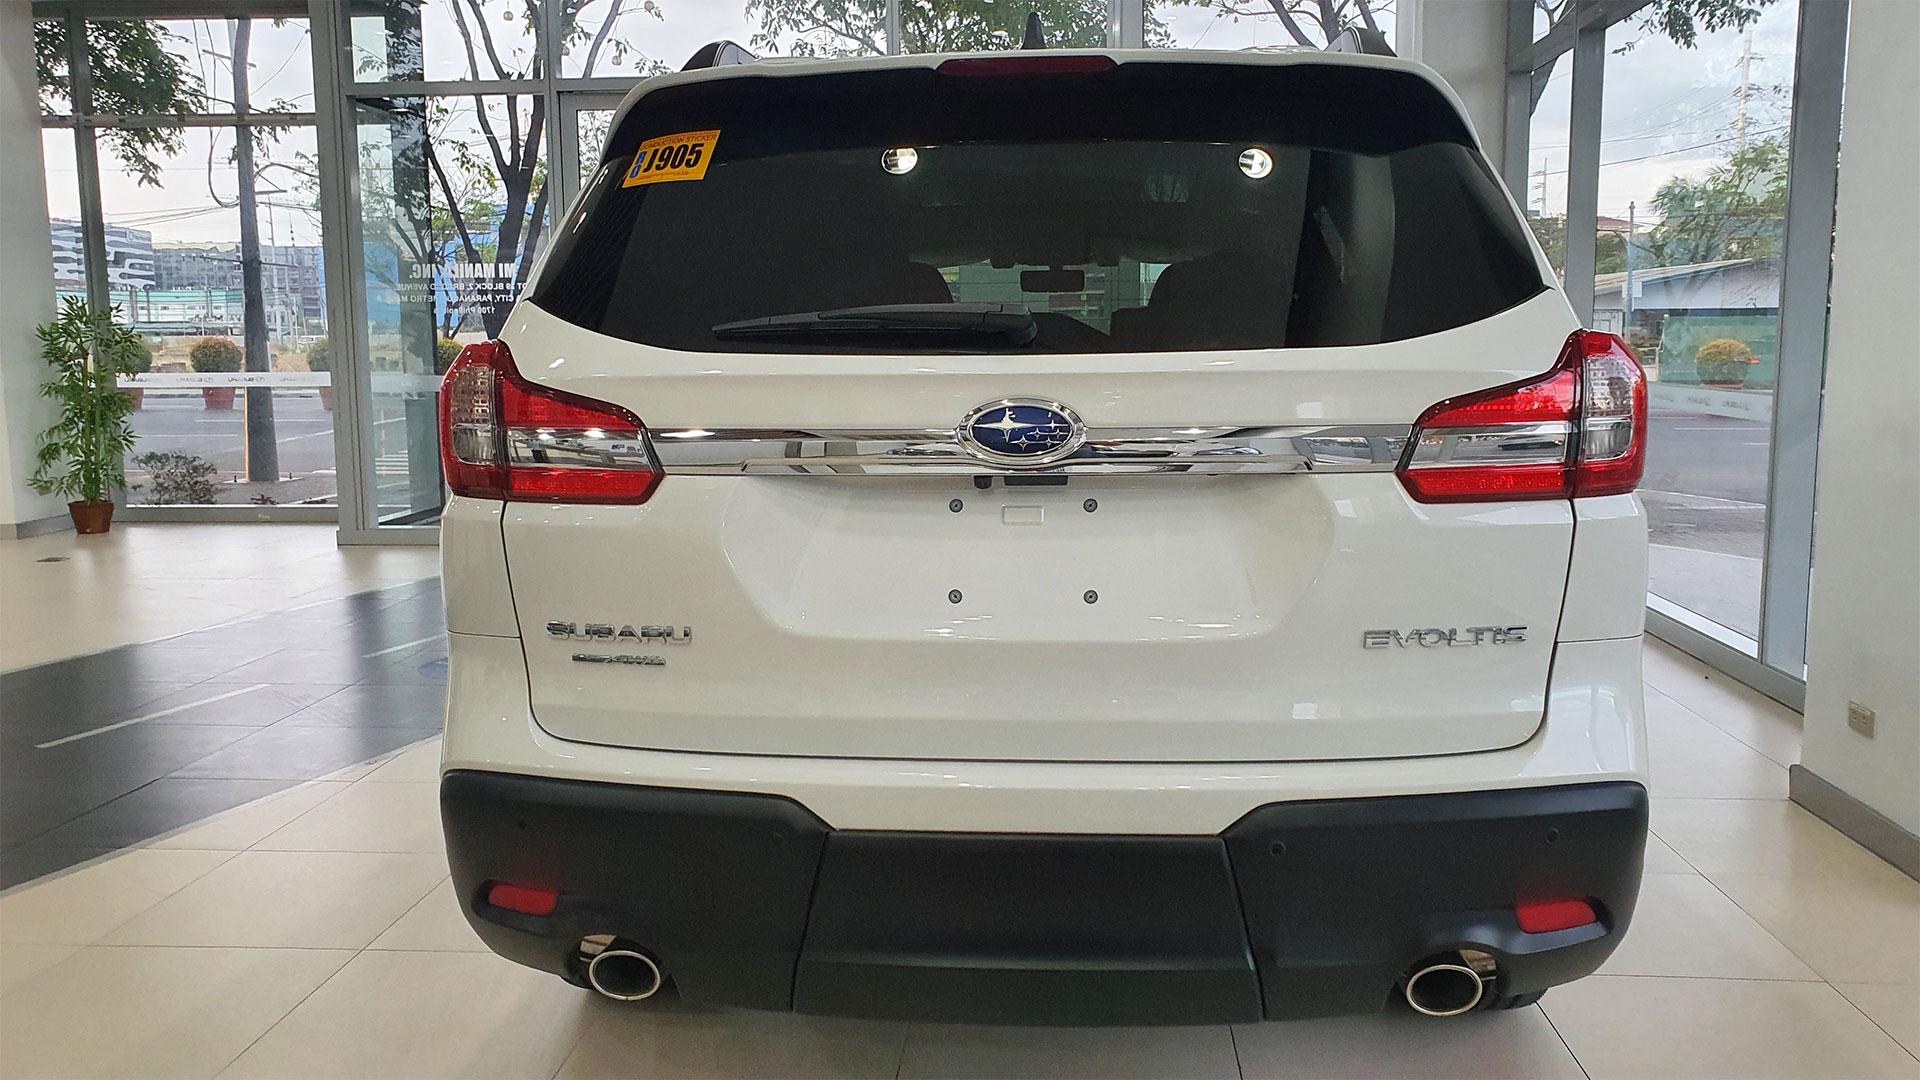 The Subaru Evoltis Rear View